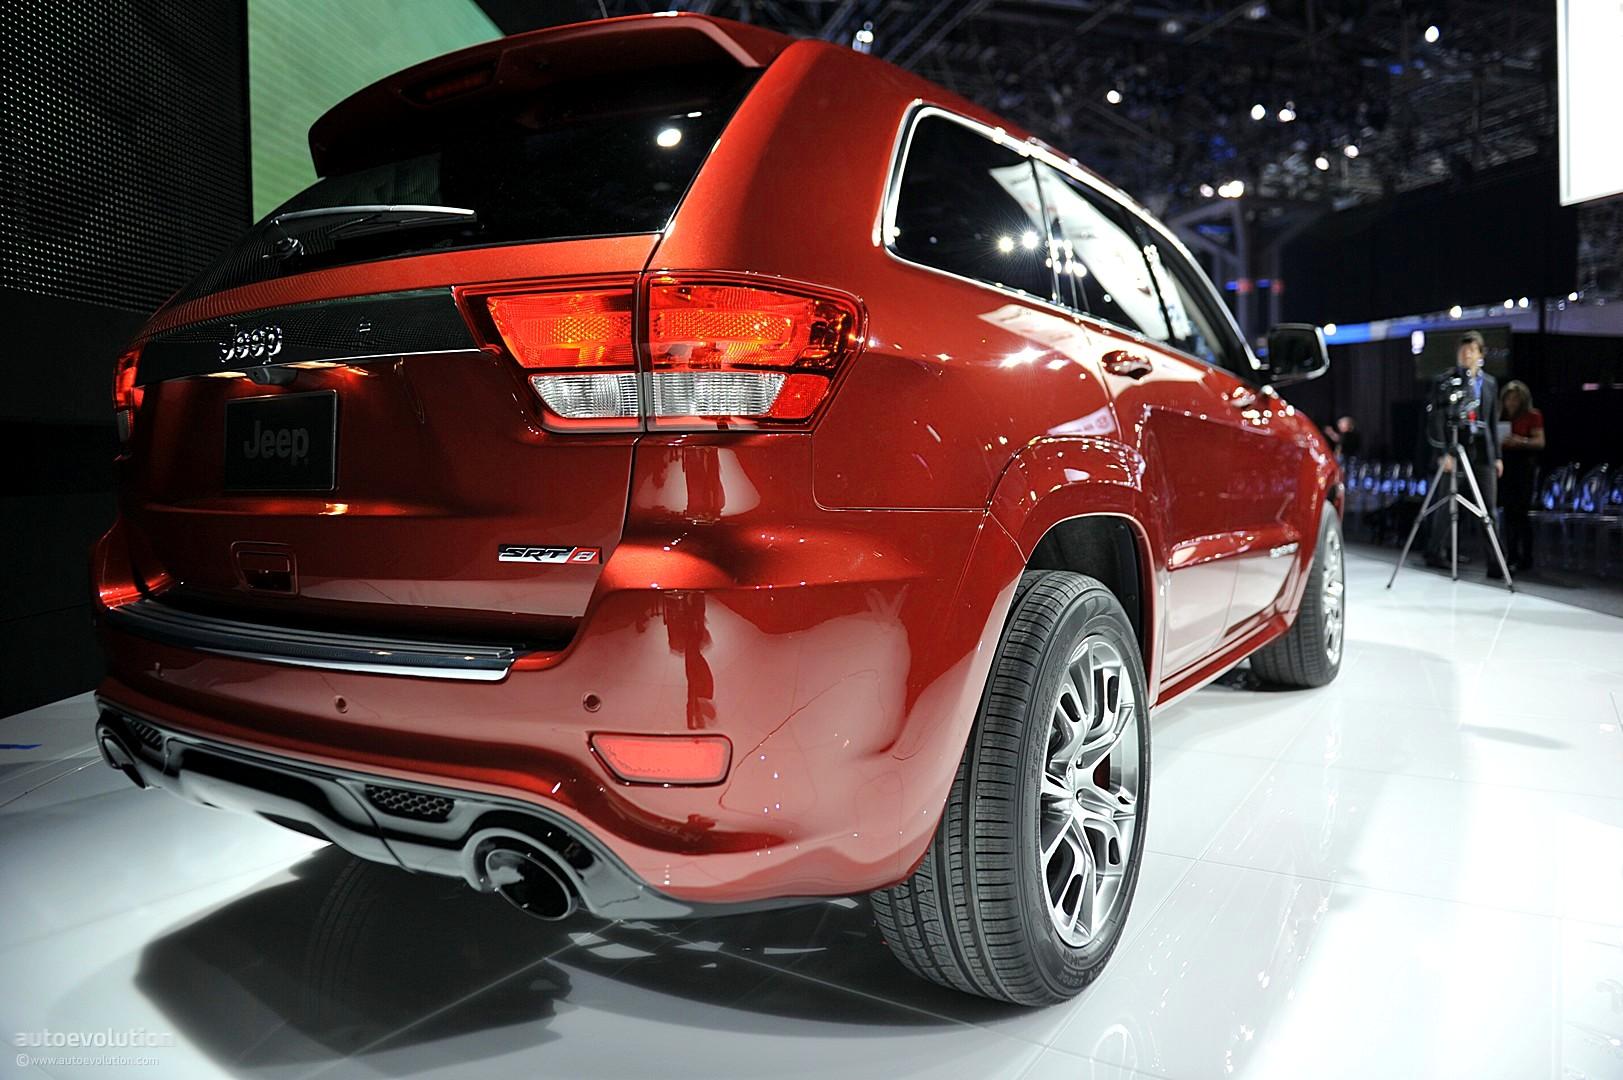 hight resolution of 2012 jeep grand cherokee light